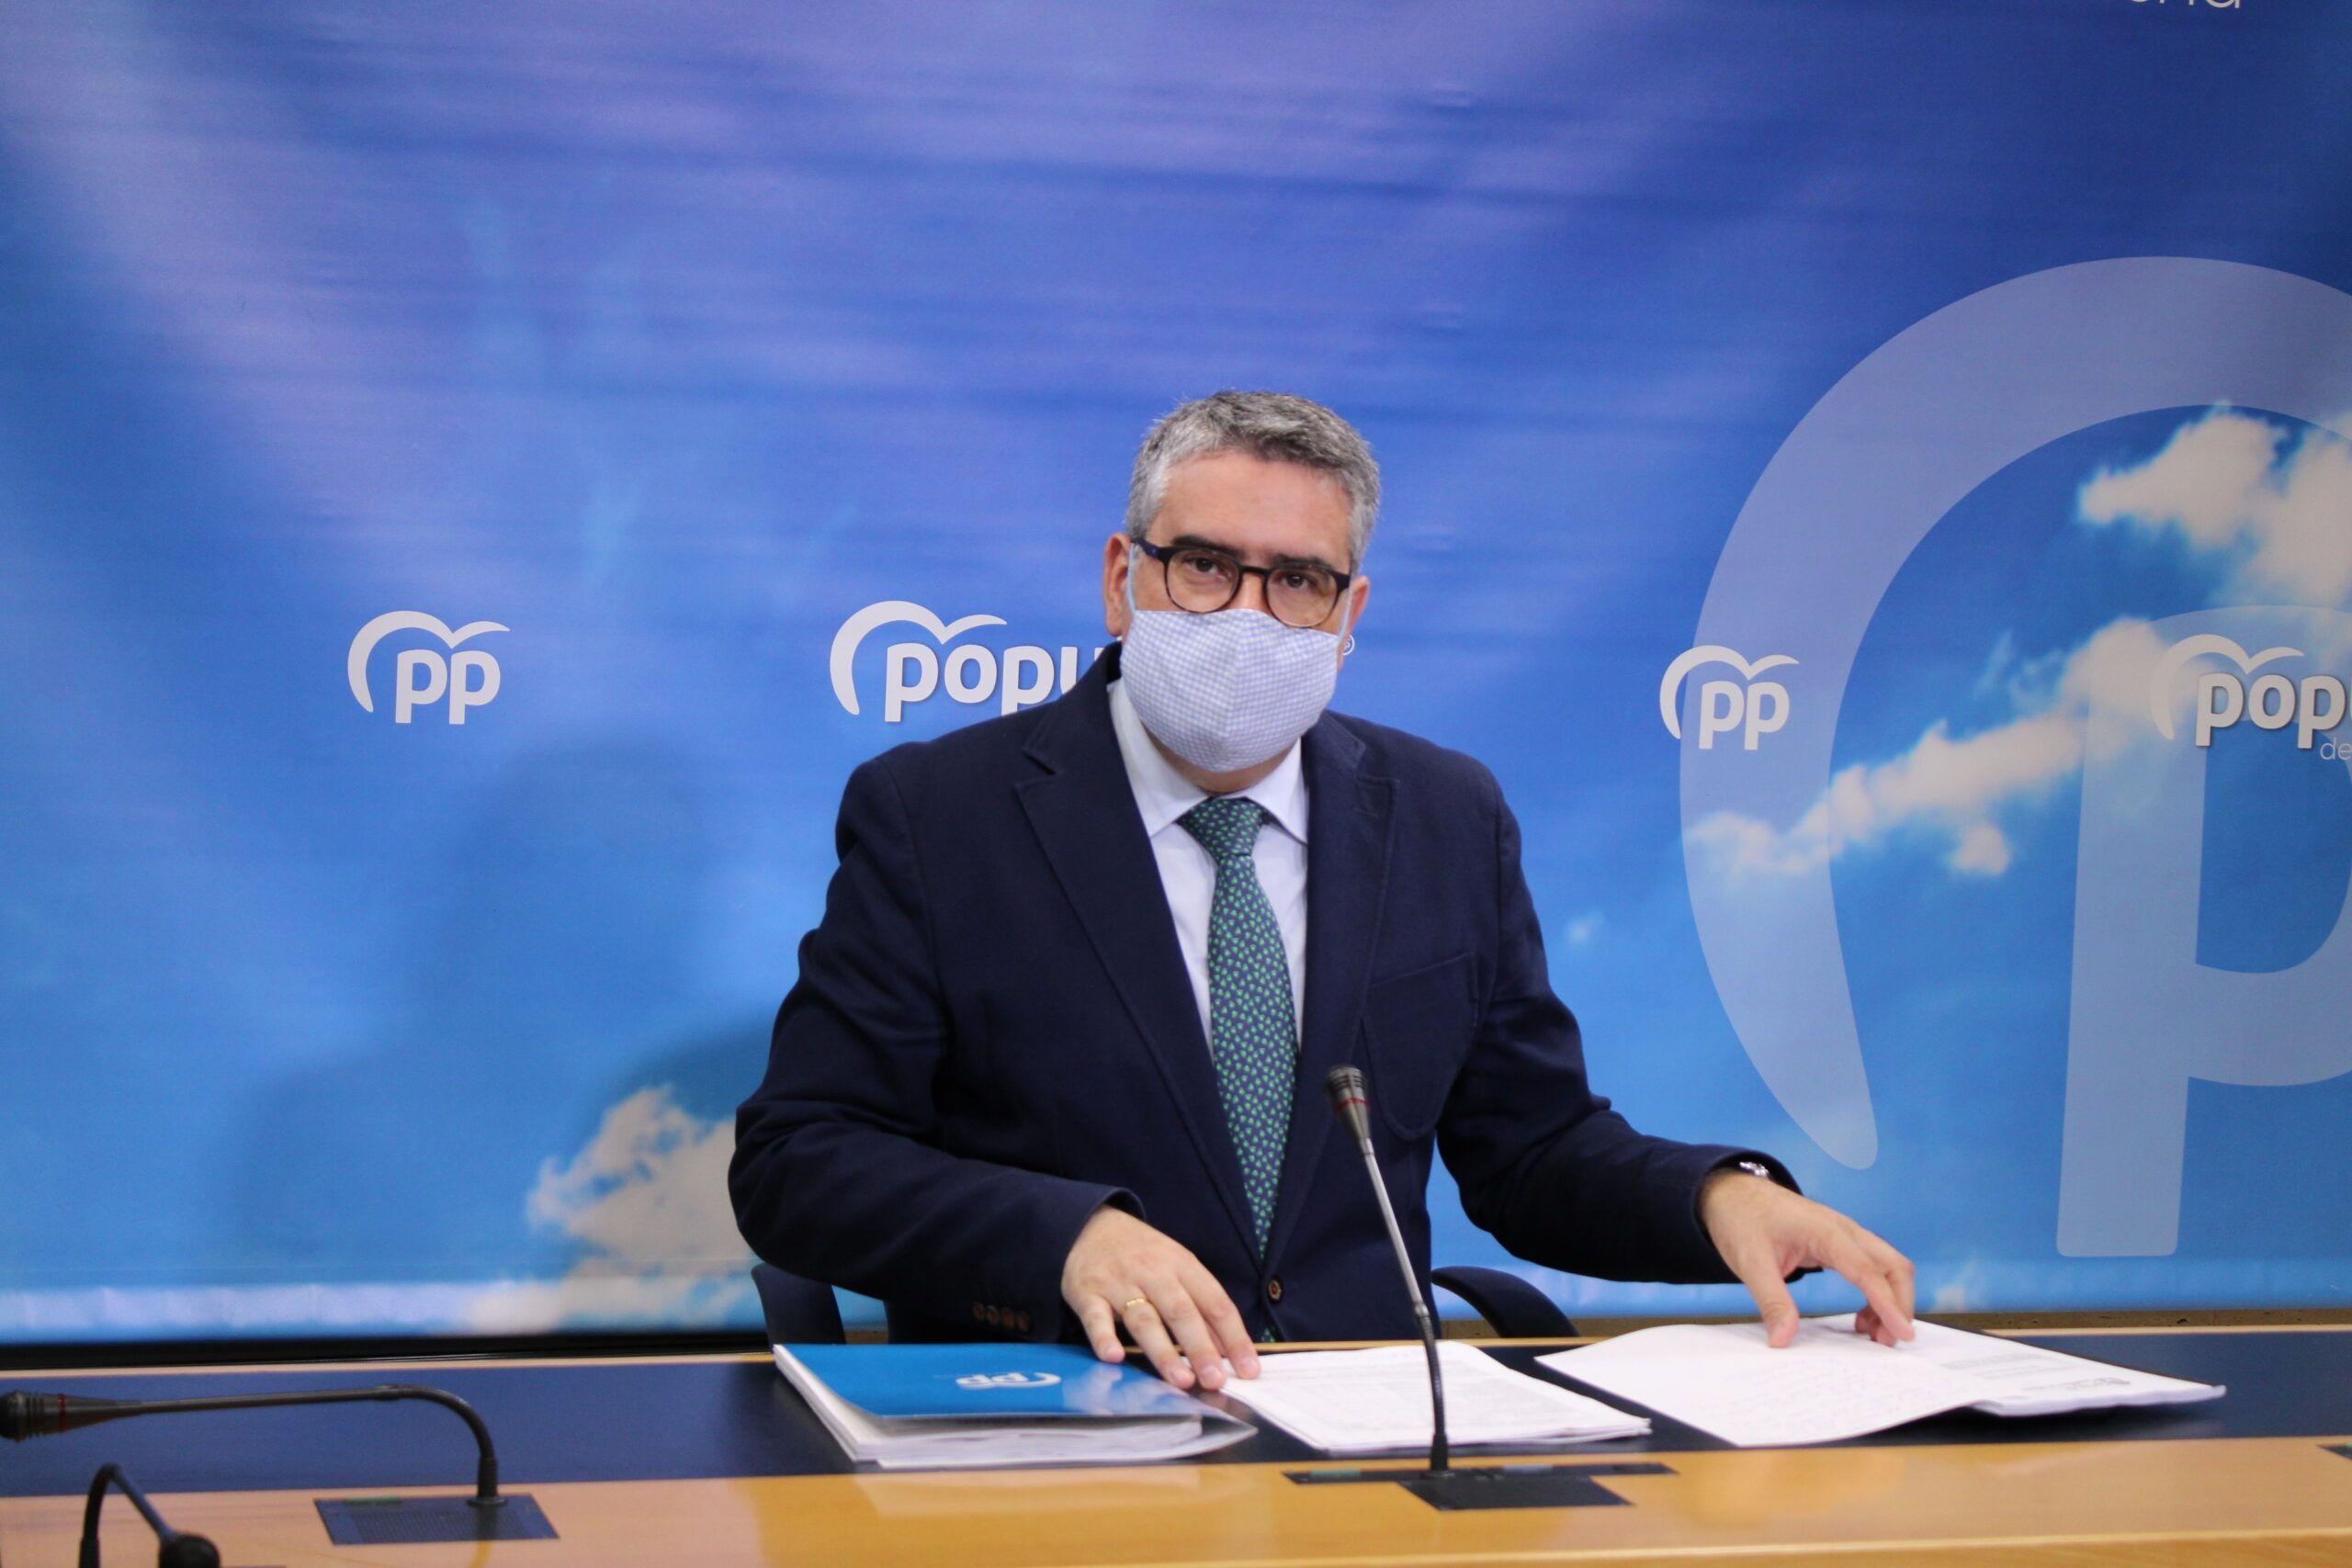 El PP-CLM presenta 28 enmiendas al considerar que esta Ley no cumple los principios básicos de transparencia y de rendición de cuentas que exige la Unión Europea